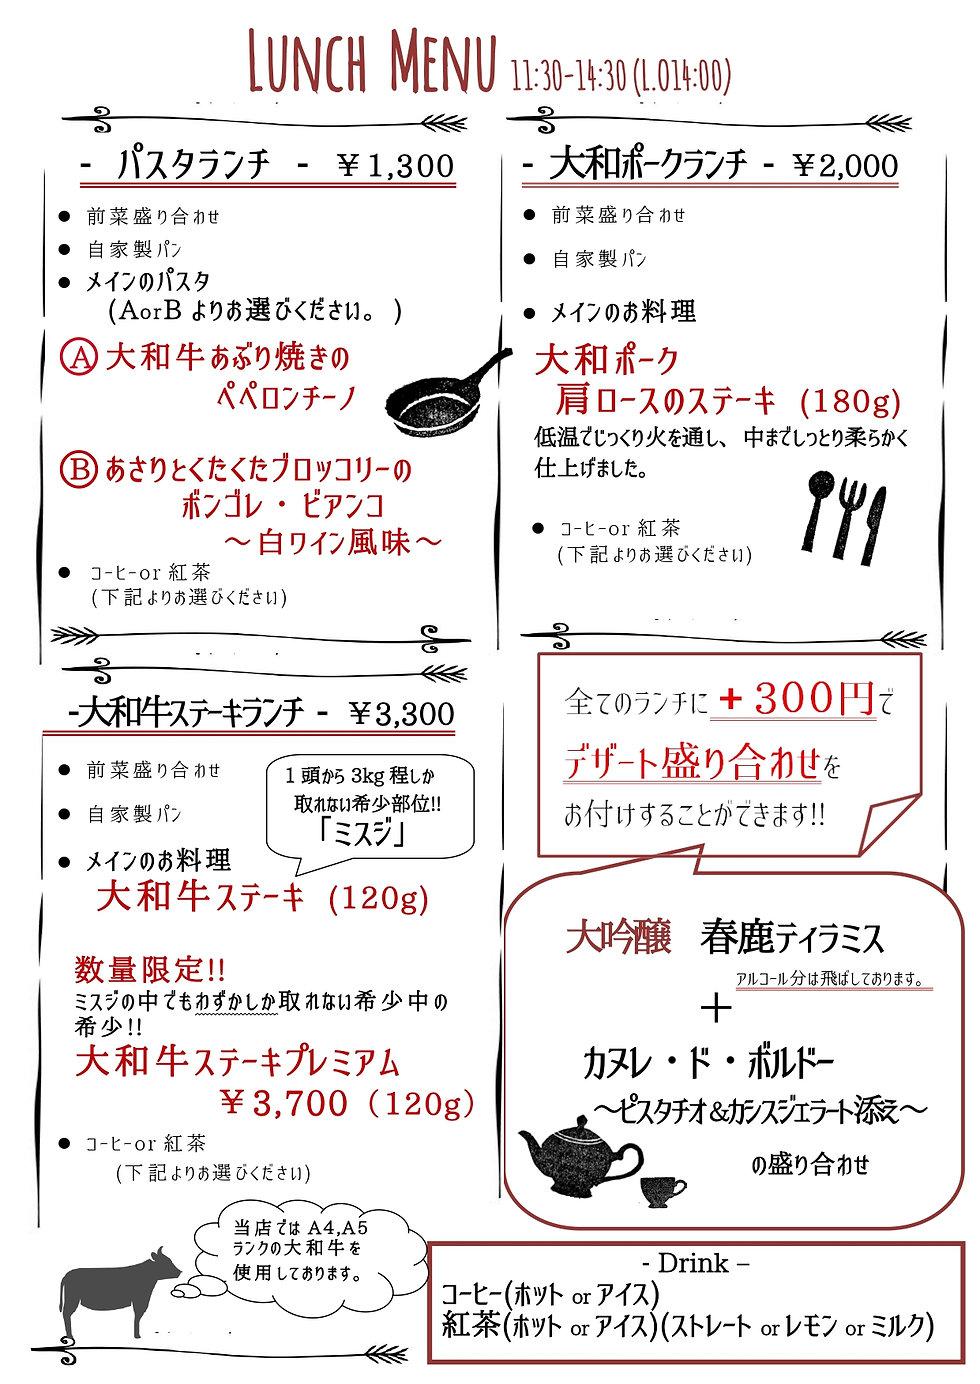 ランチメニュー 2021.6.5_page-0001.jpg